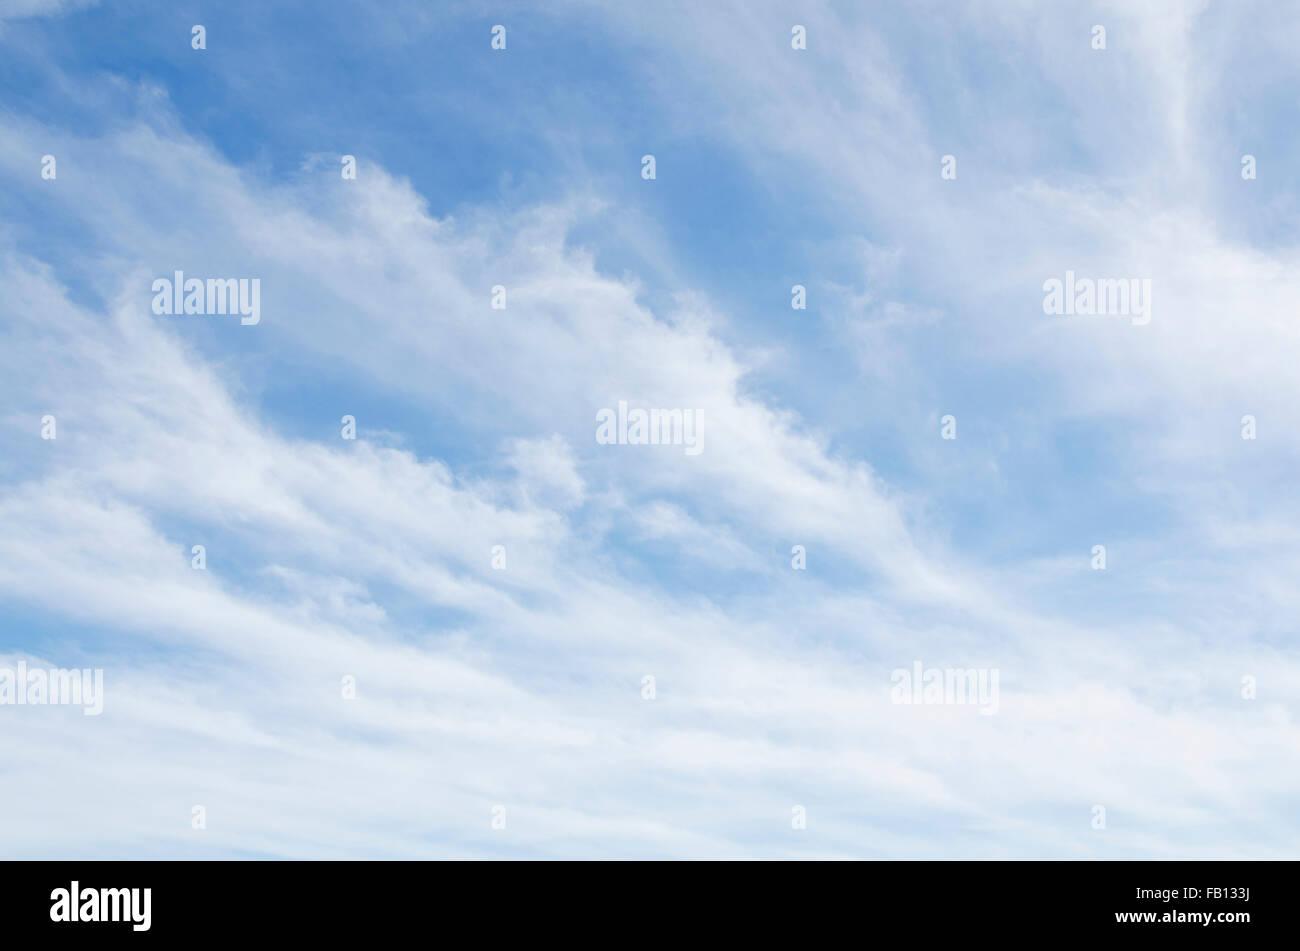 Scenic cloudscape - Stock Image